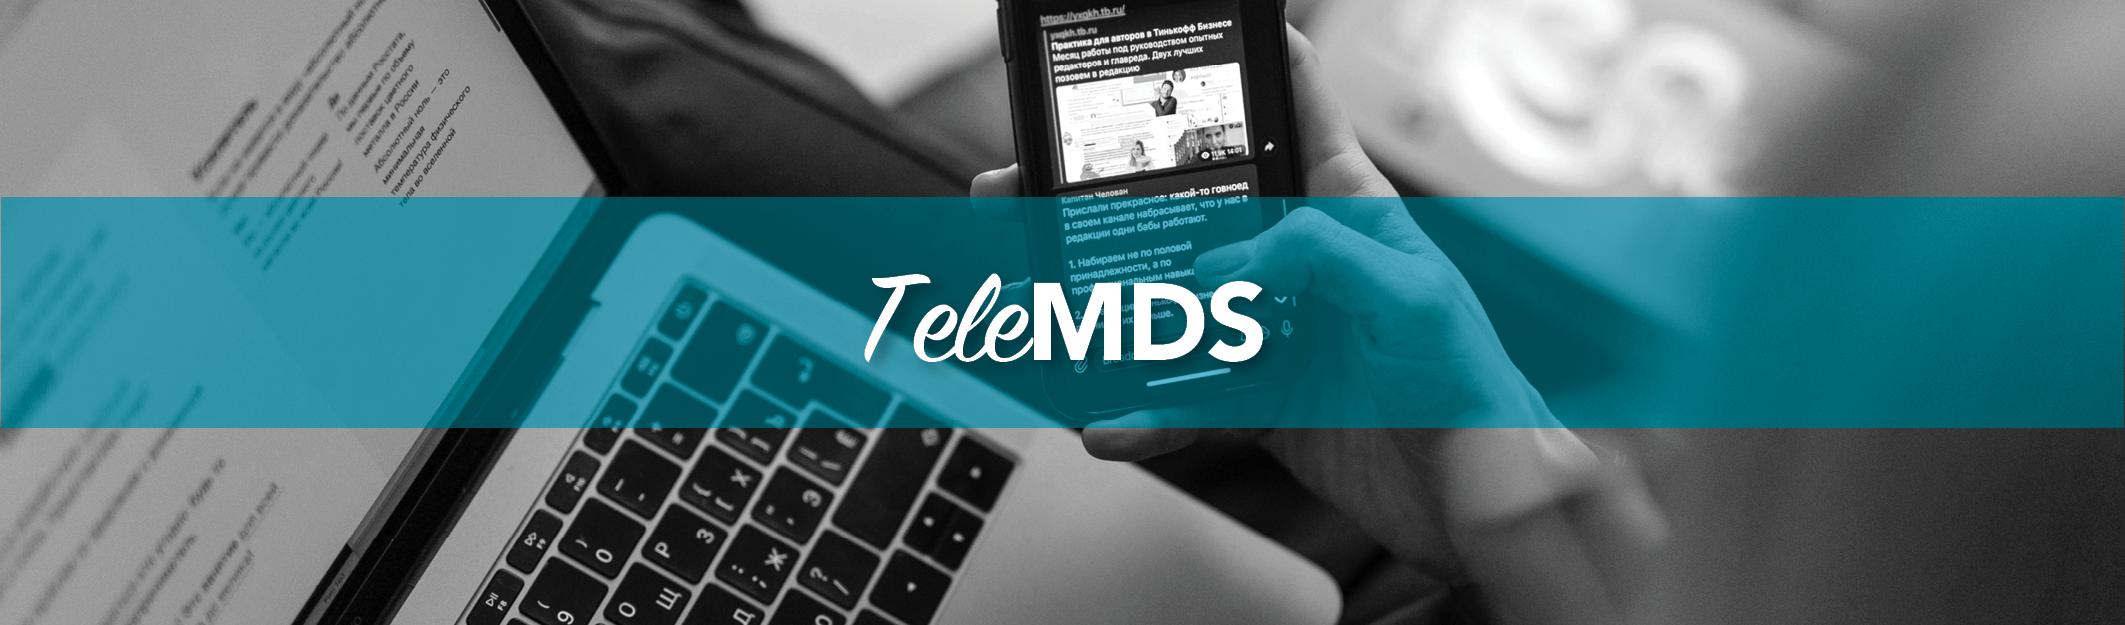 TeleMDS Header_112320